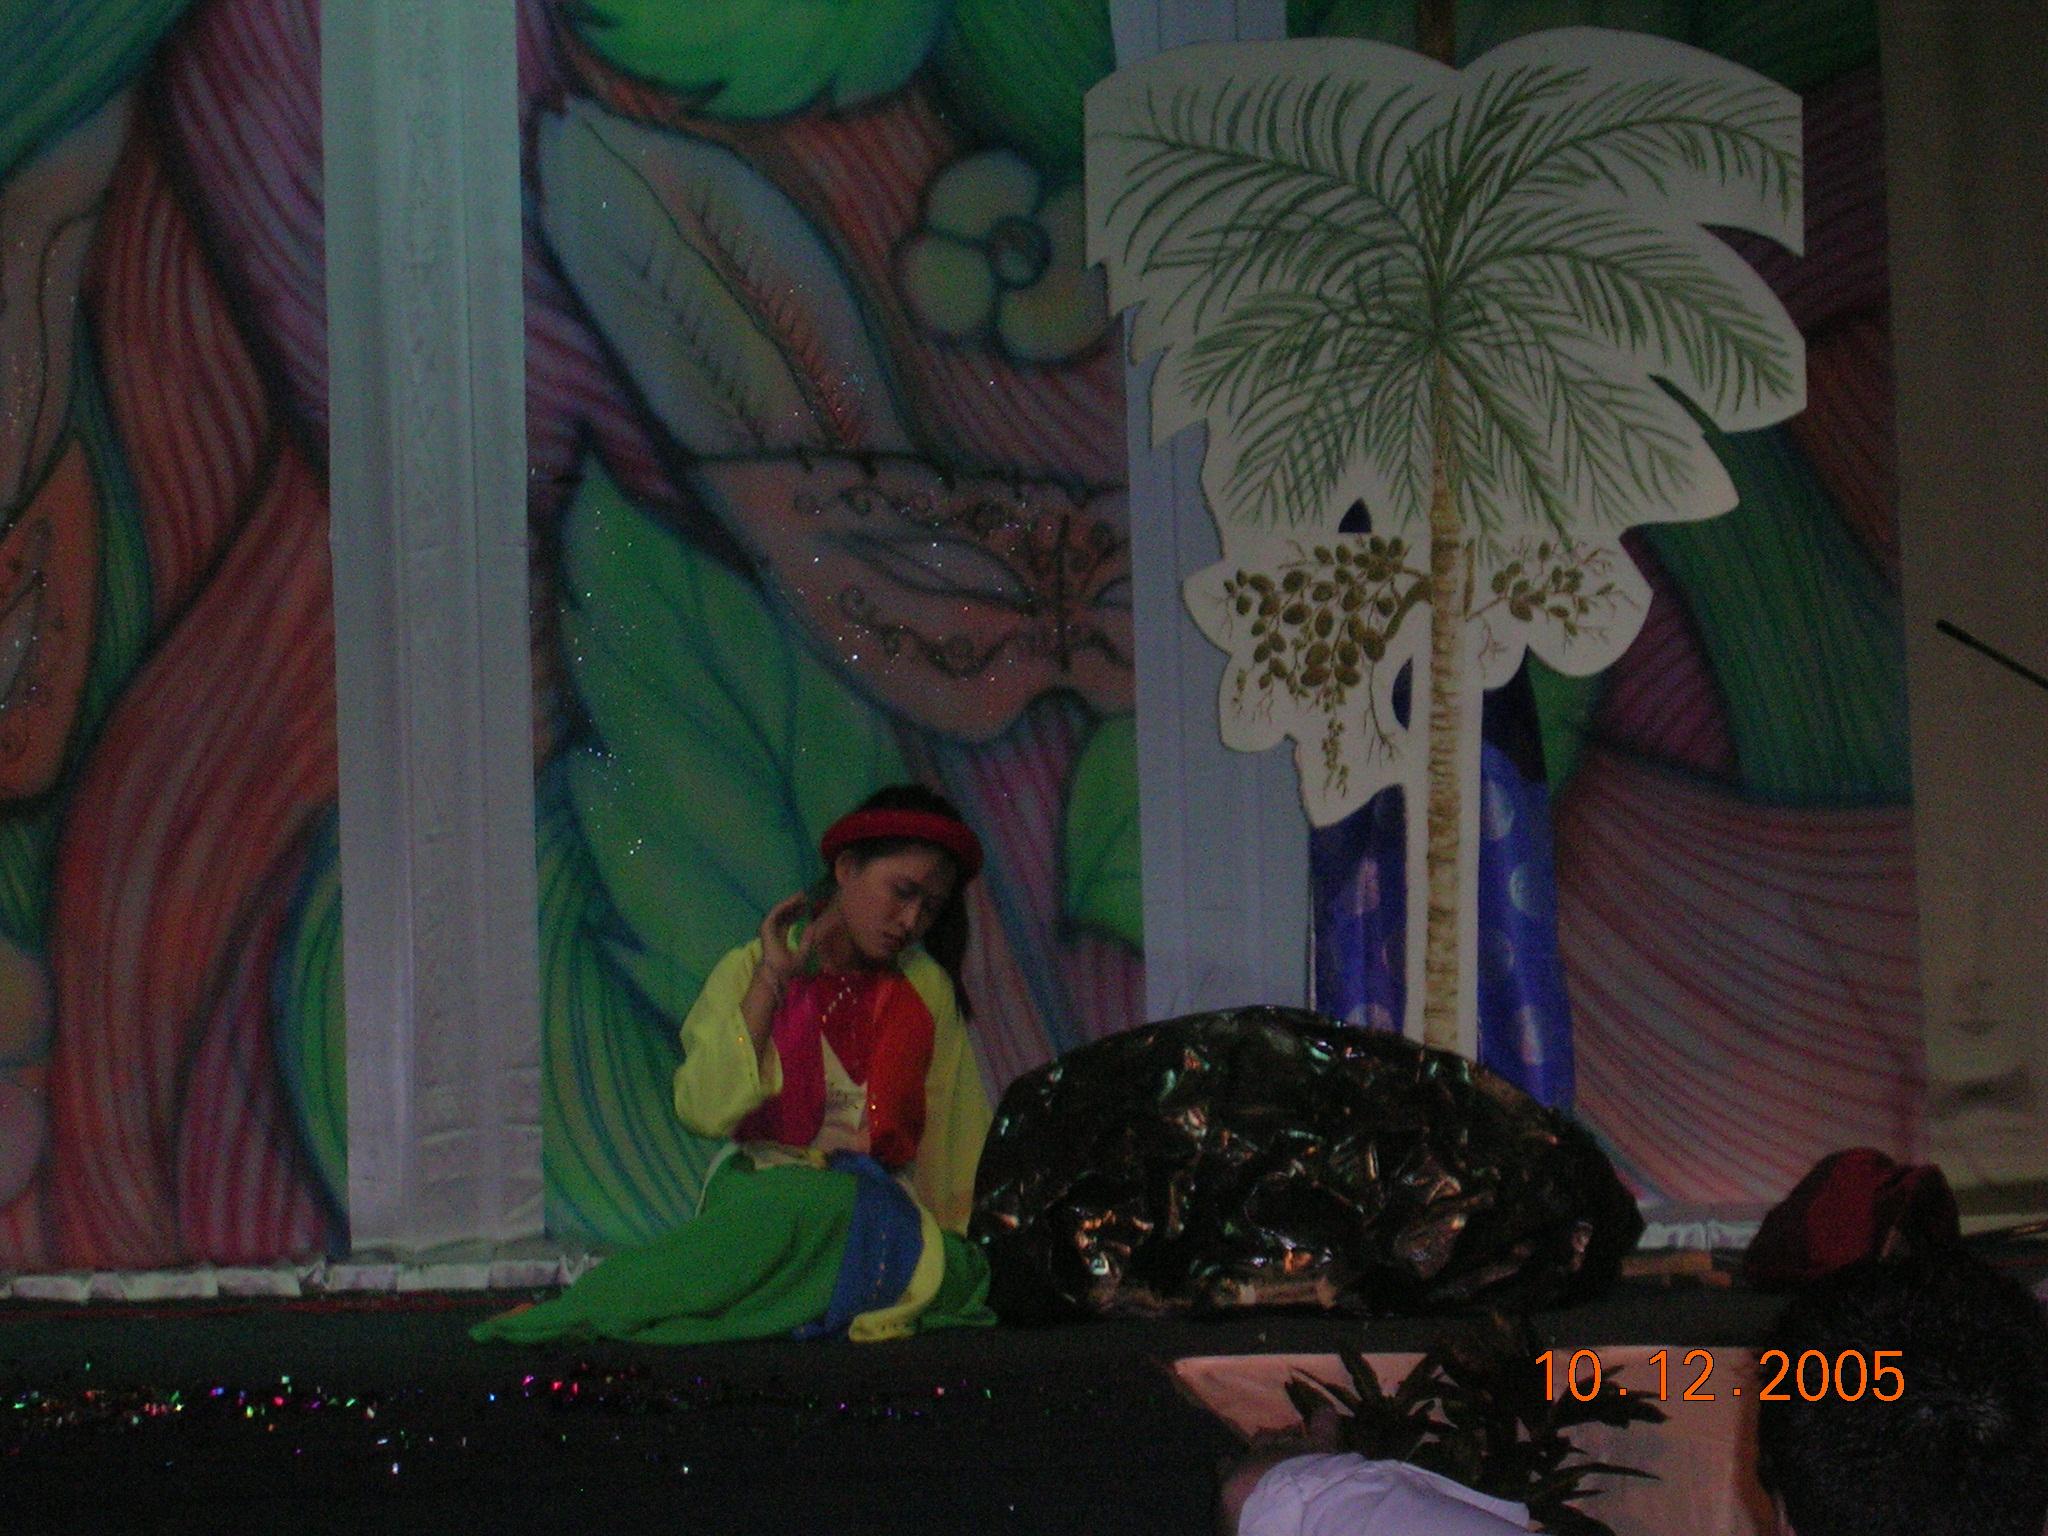 Sinh viên Việt Nam diễn vở kịch Sự tích Trầu Cau bằng tiếng Anh.